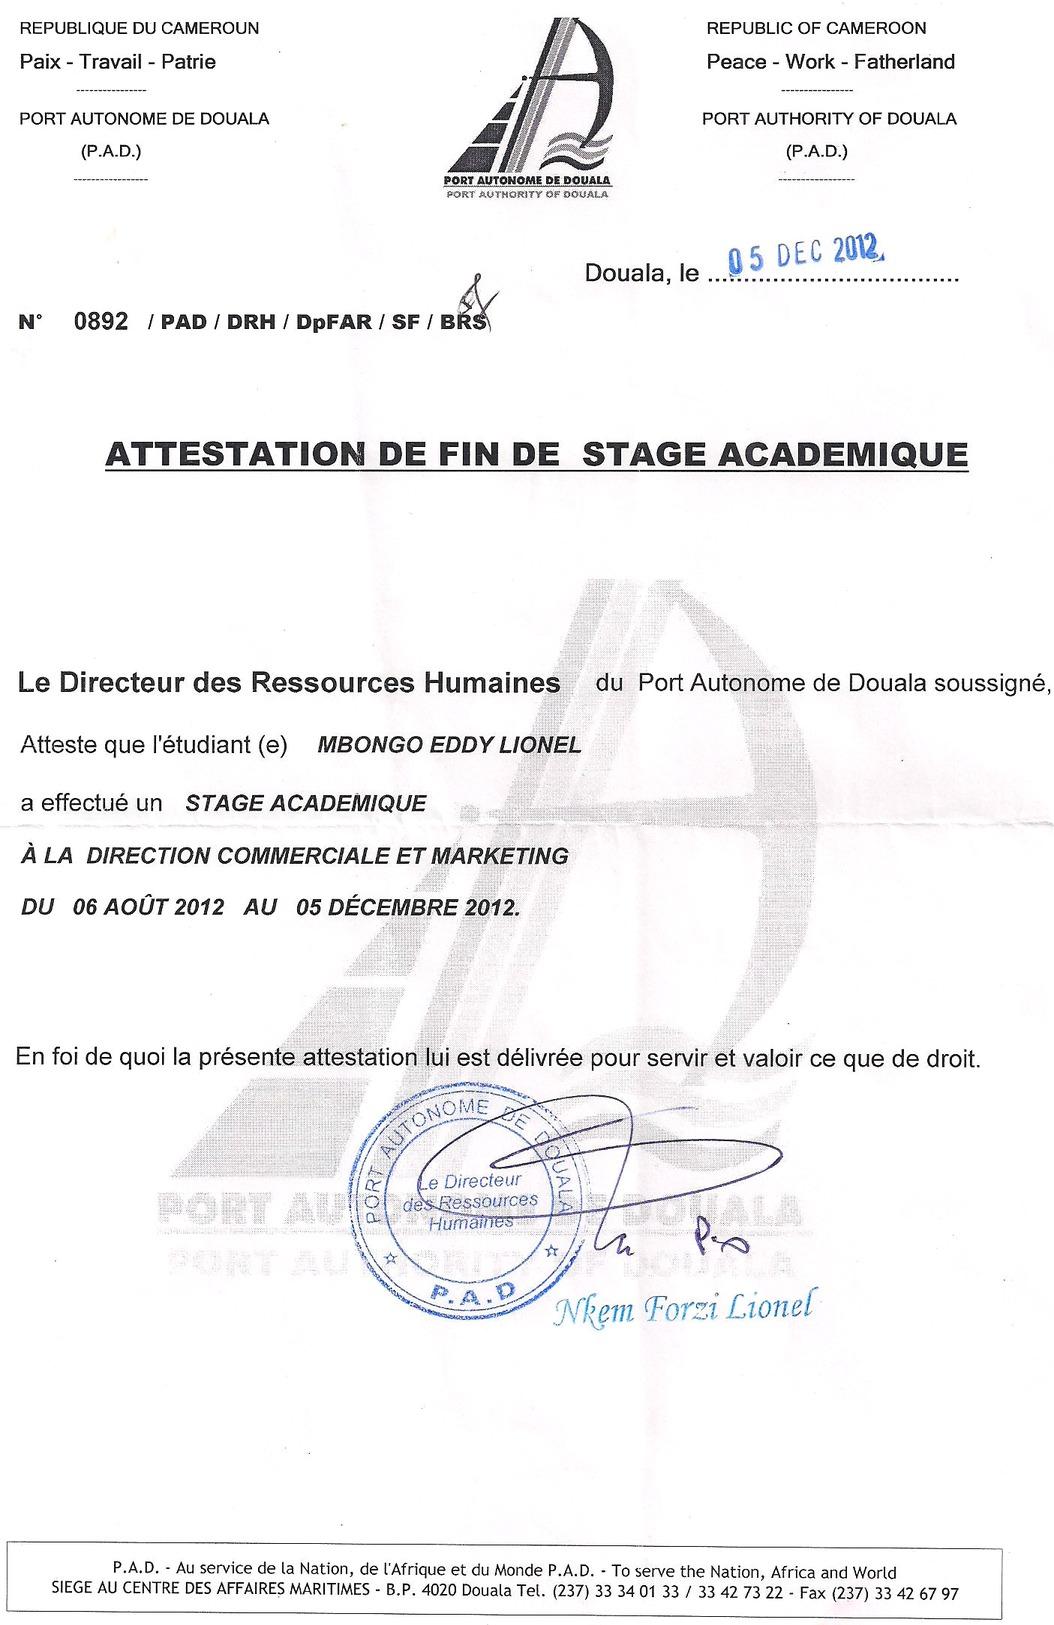 Memoire online renforcement du positionnement du port - Site internet du port autonome de douala ...